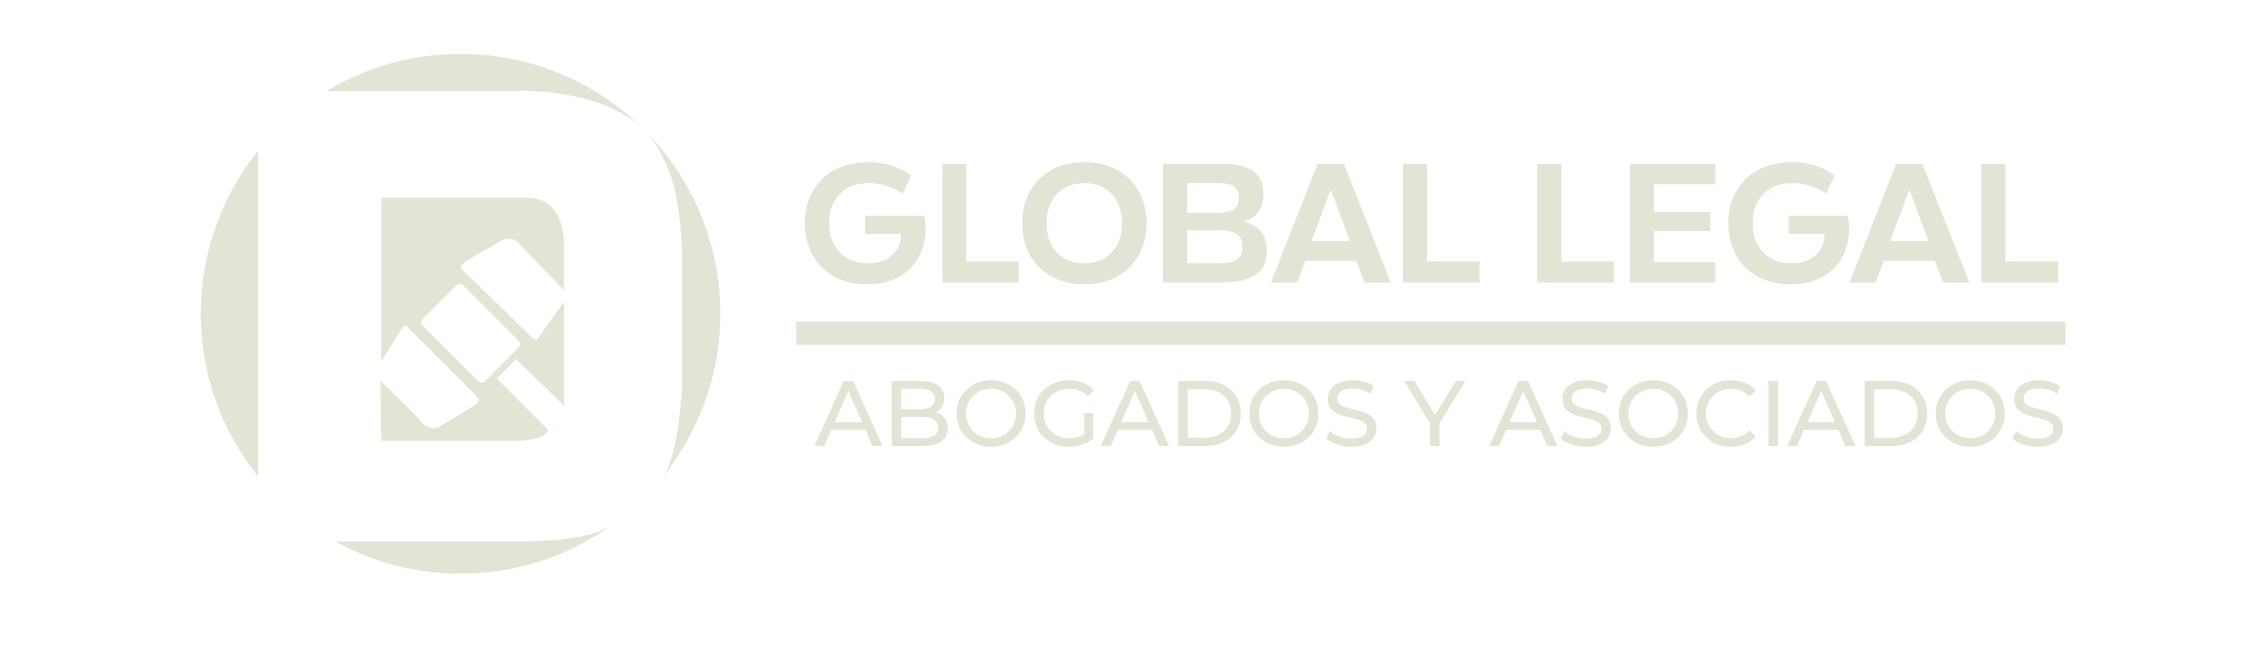 Global Legal Abogados Asociados